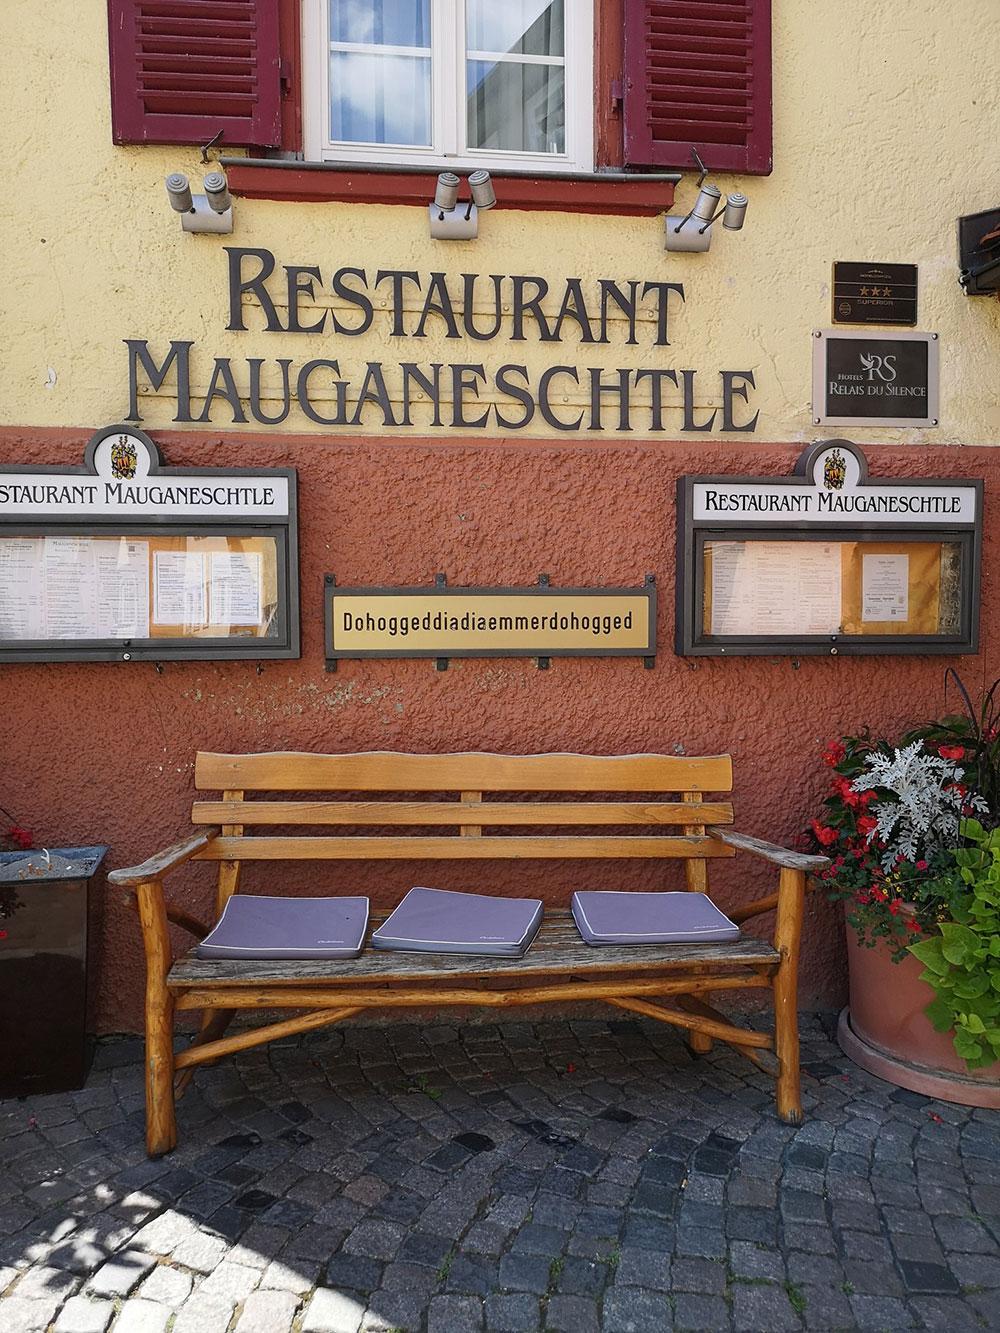 Tübingen warum bist du noch so hoggig. Classic Shot.